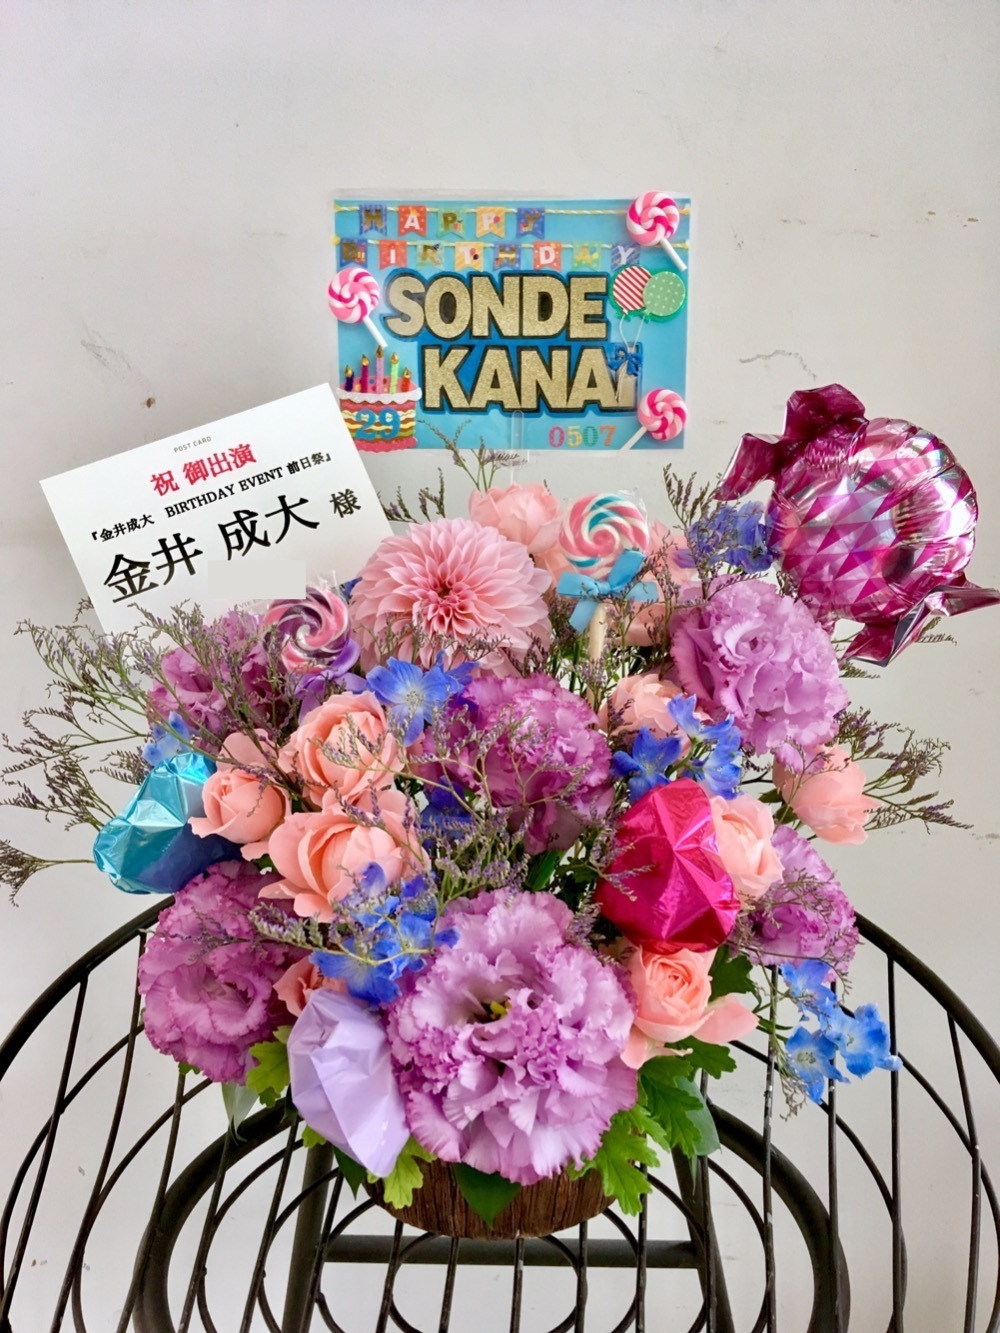 シダックスカルチャービレッジ 公演 [金井成大 BIRTHDAY EVENT 前日祭] 金井成大様ご出演祝い花